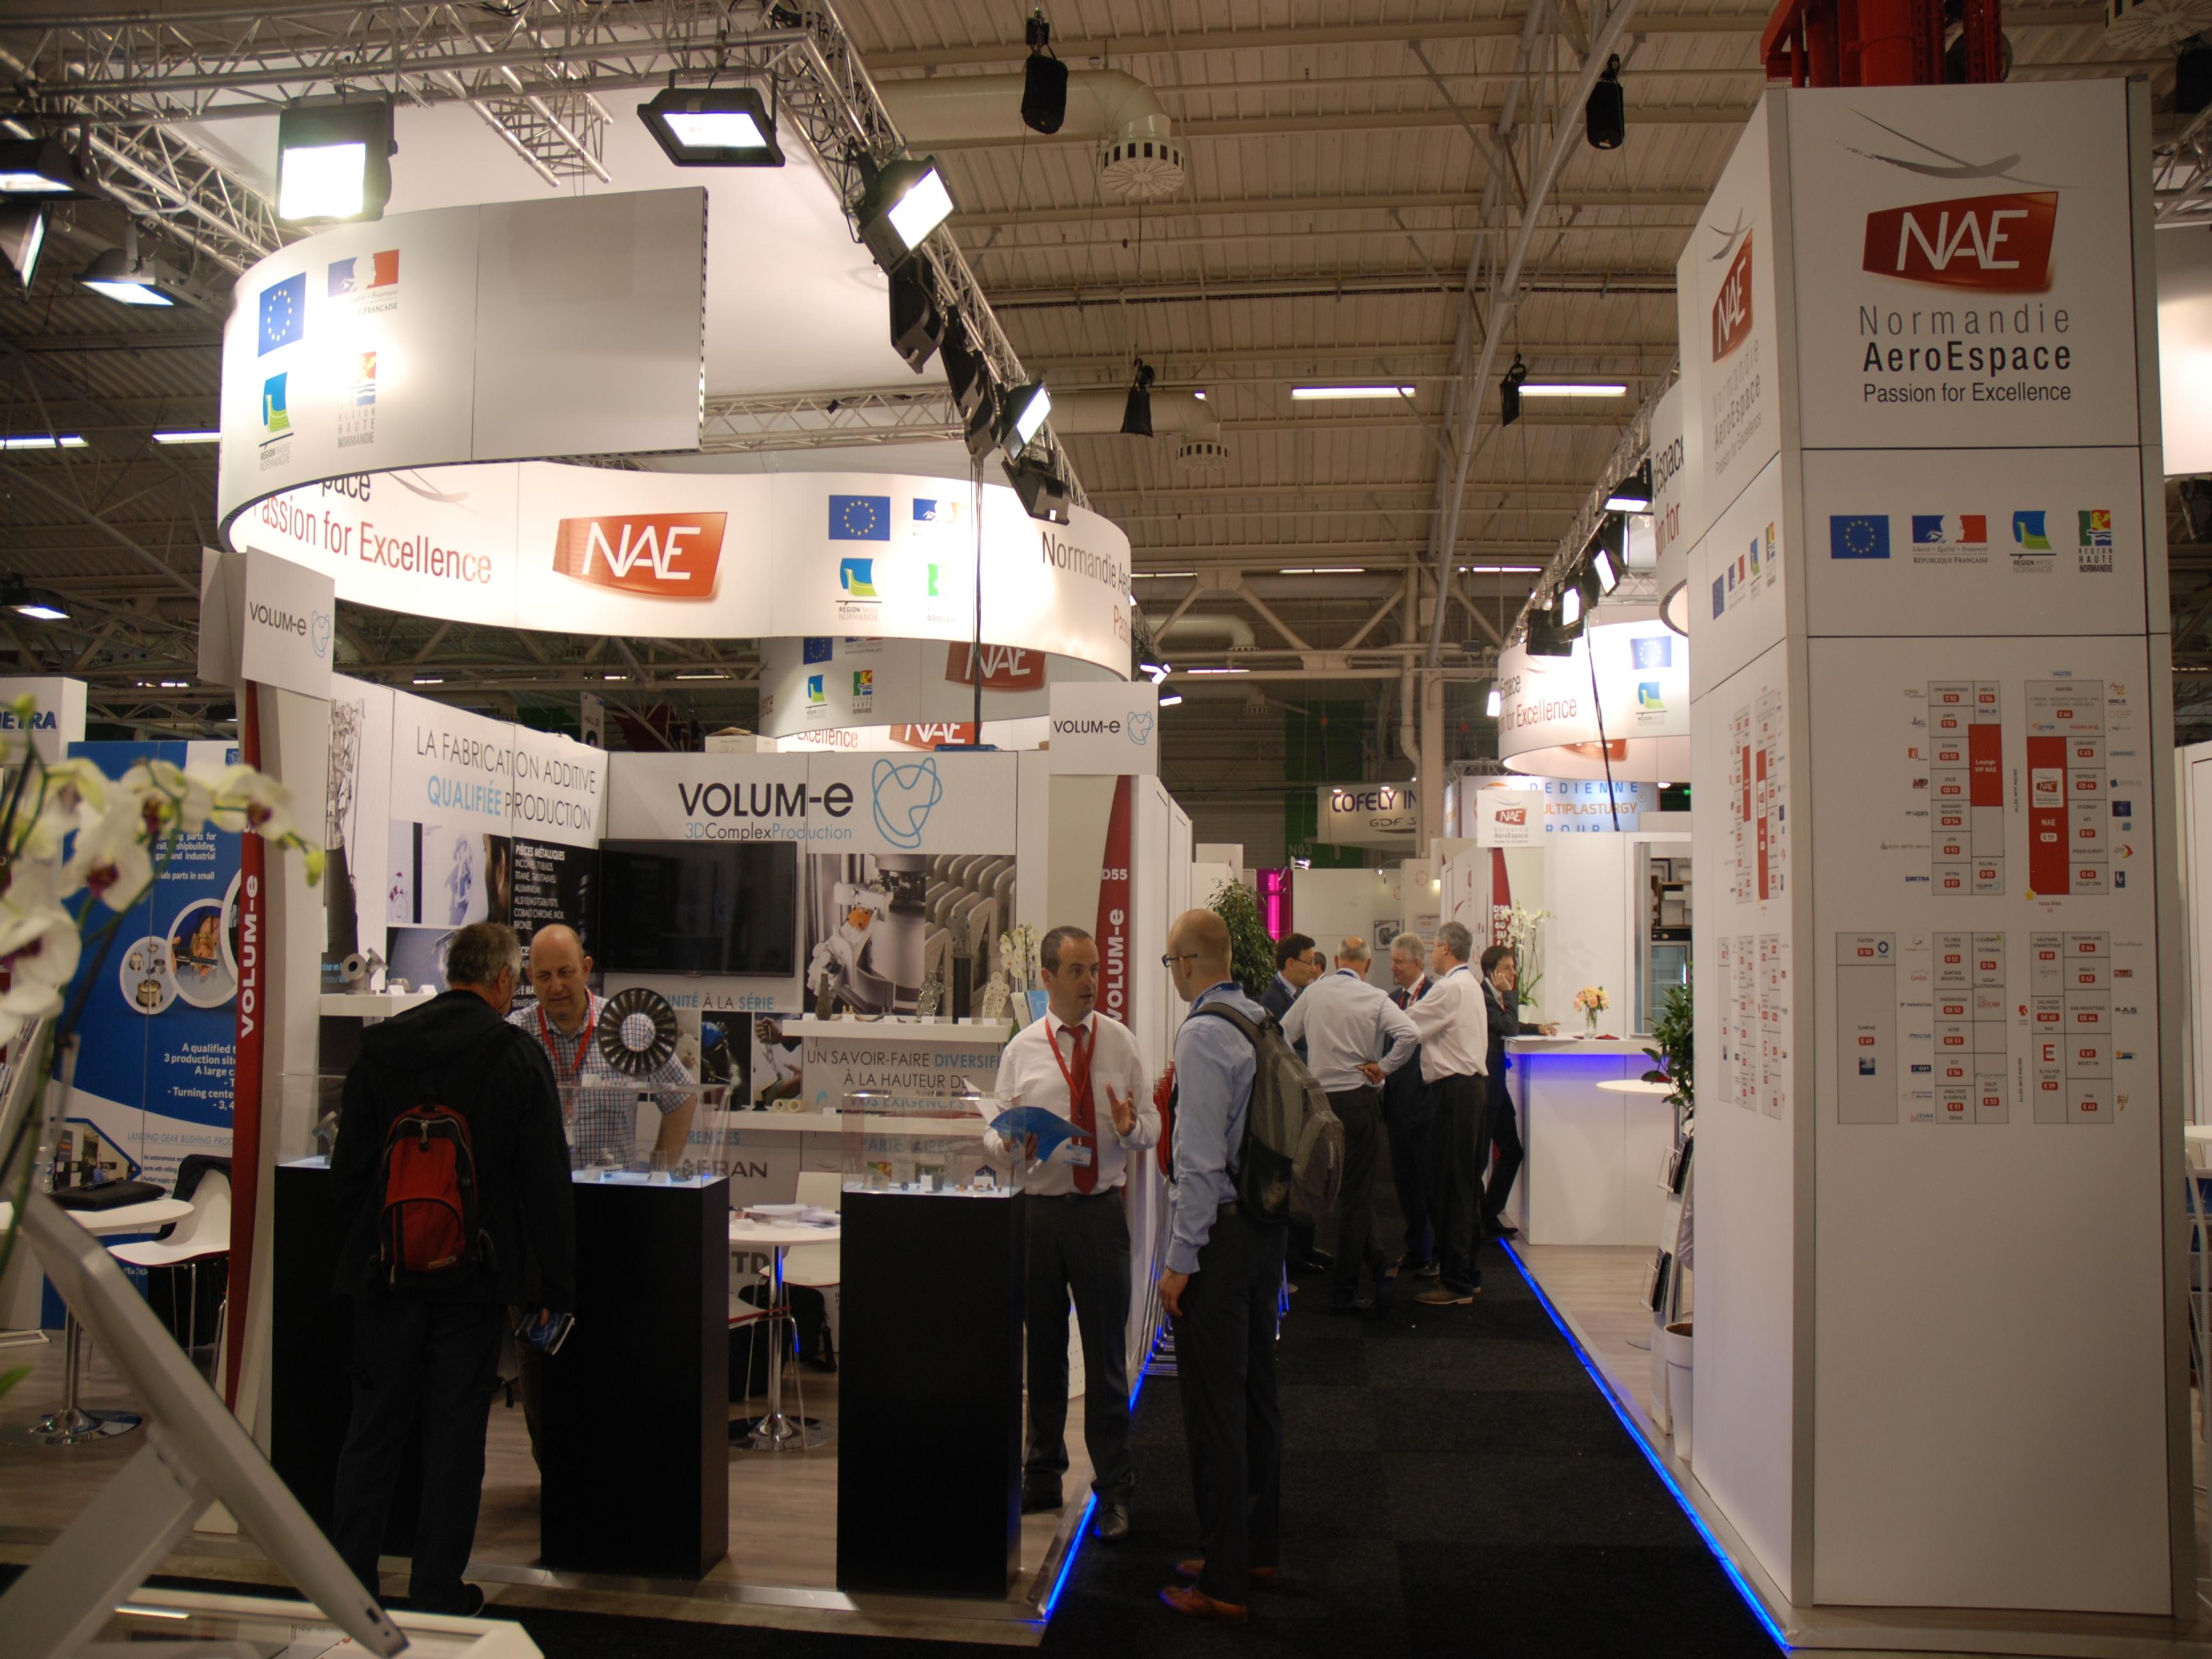 Normandie AeroEspace : des PME qui embauchent